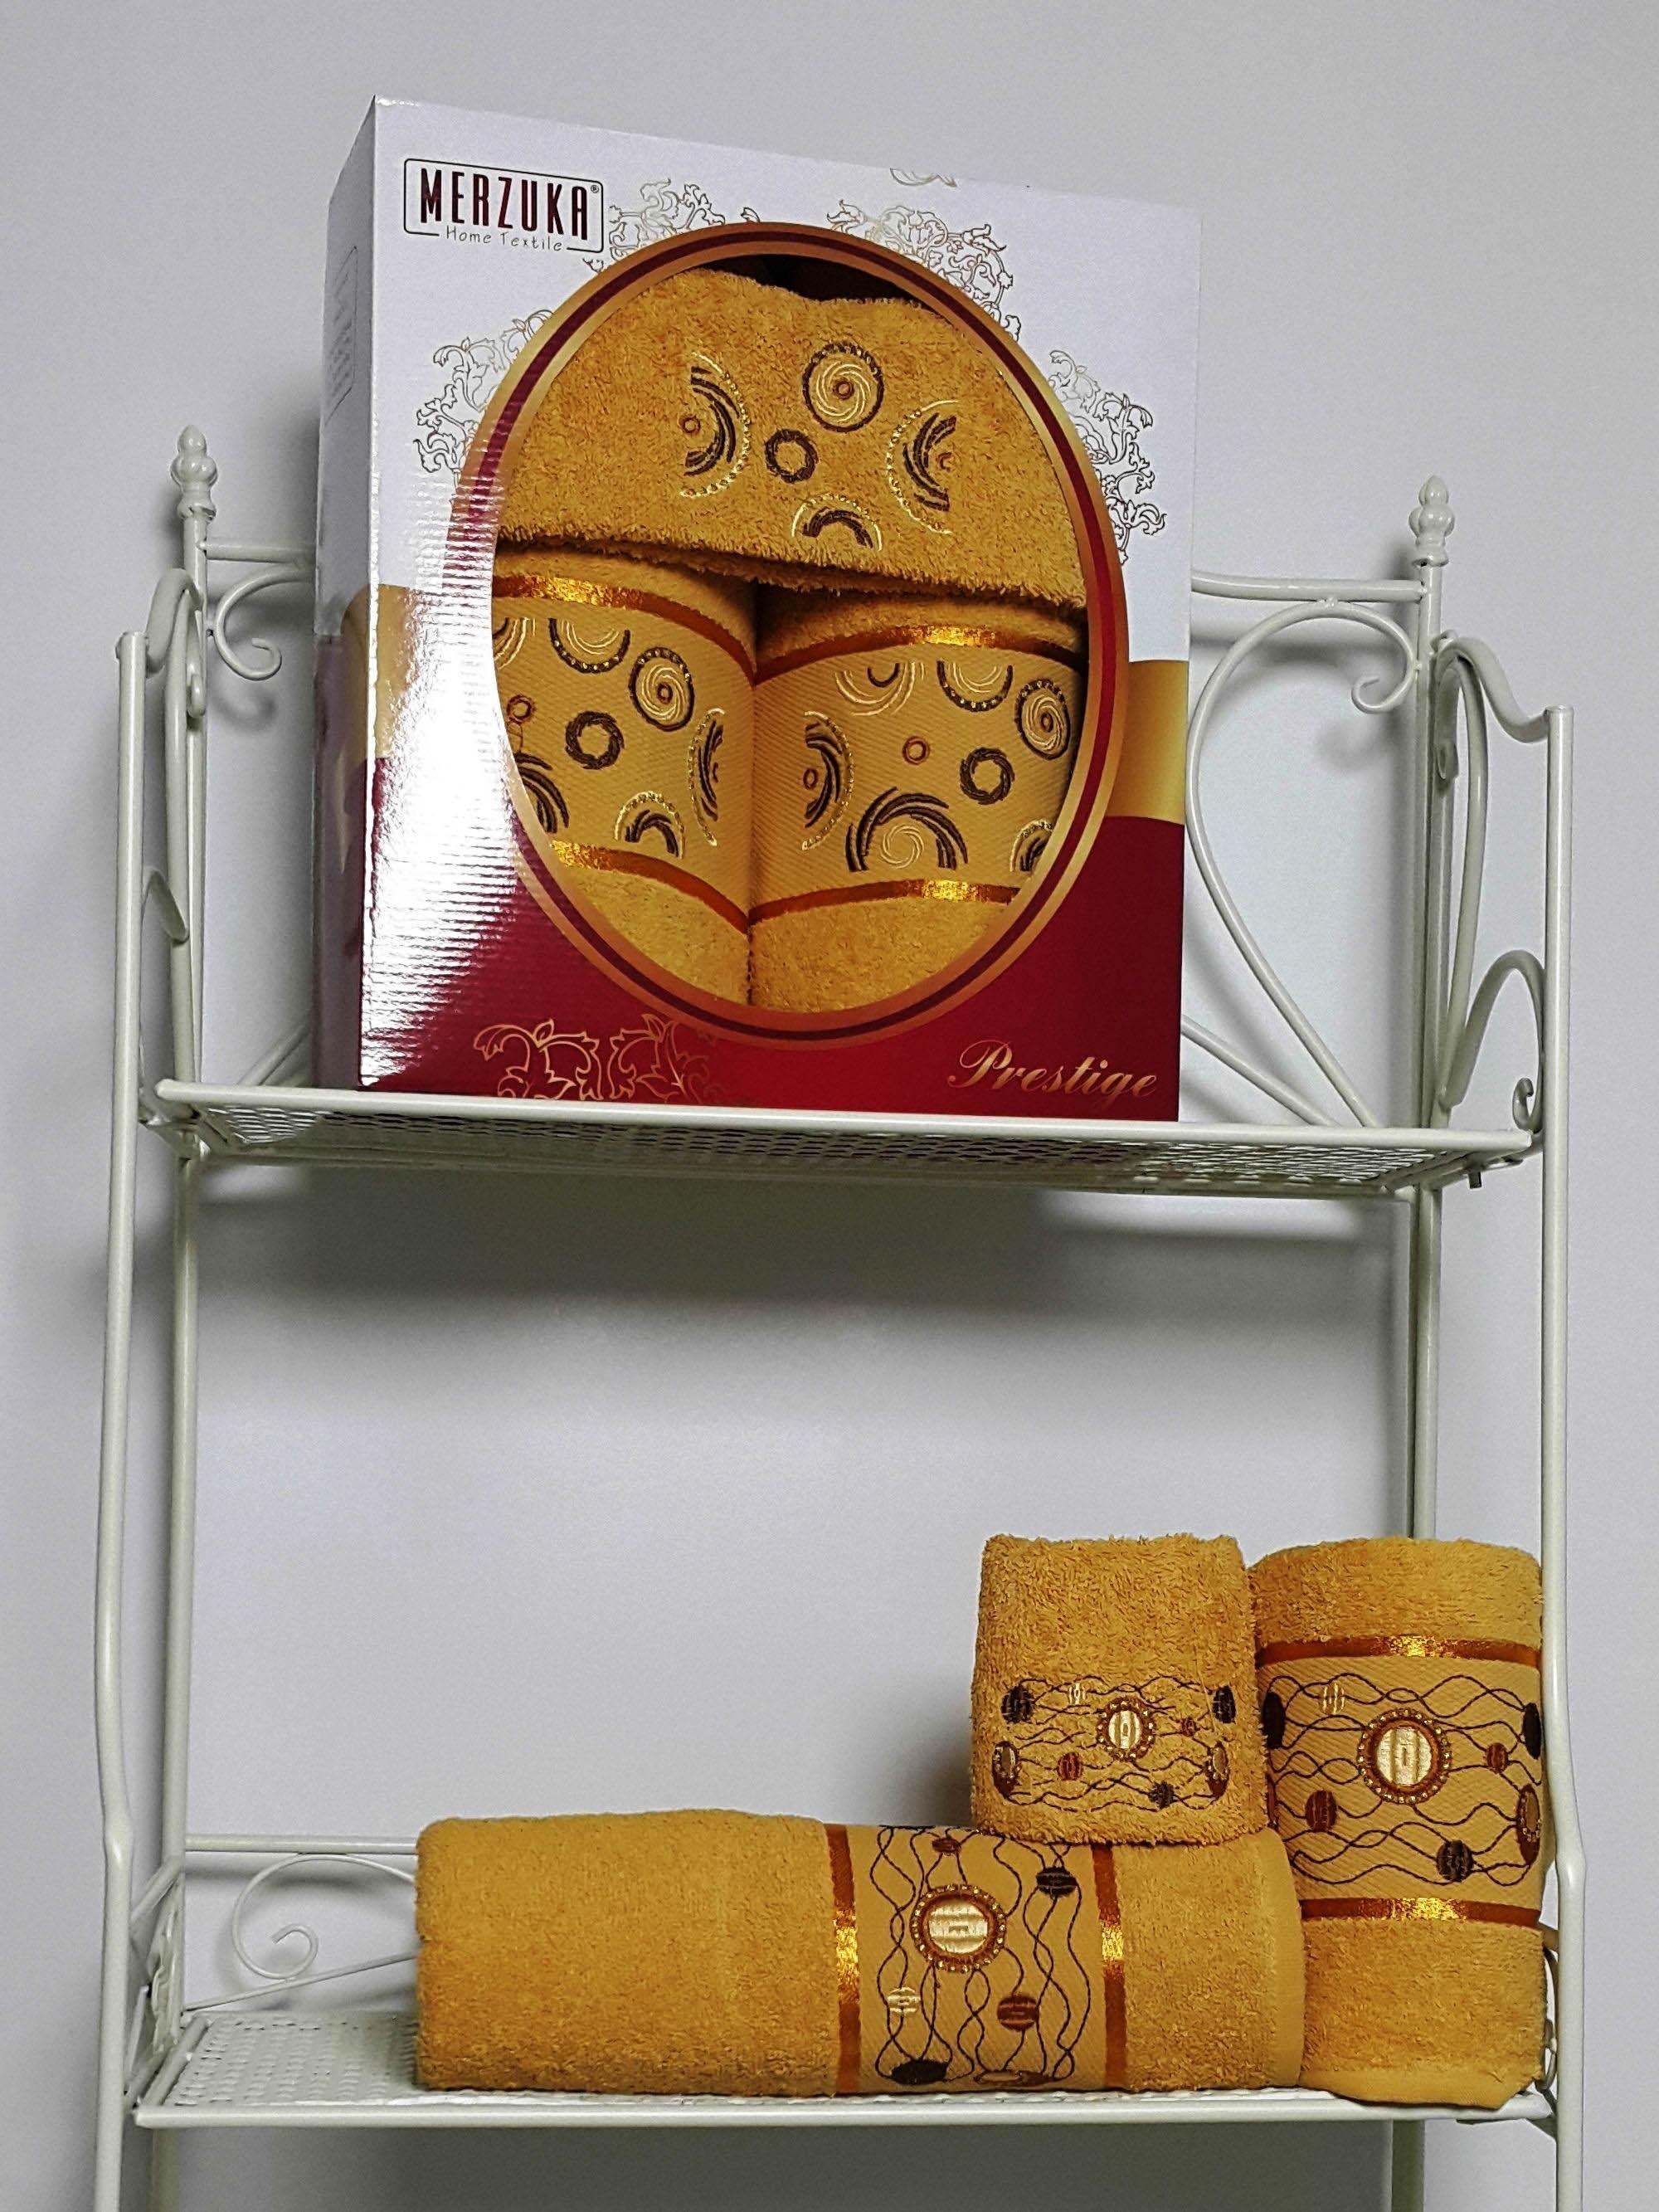 Полотенце Oran MerzukaПолотенца<br>Производитель: Oran Merzuka<br>Страна производства: Турция<br>Размер: 30х50 см (1 шт), 50х90 см (1 шт) и 70х140 см (1 шт)<br>Материал: Махра (100% Хлопок)<br>Набор полотенец украшен бордюром с вышивкой.<br><br>Тип: полотенце<br>Размерность комплекта: None<br>Материал: Махра<br>Размер наволочки: None<br>Подарочная упаковка: есть<br>Для детей: нет<br>Ткань: Махра<br>Цвет: None